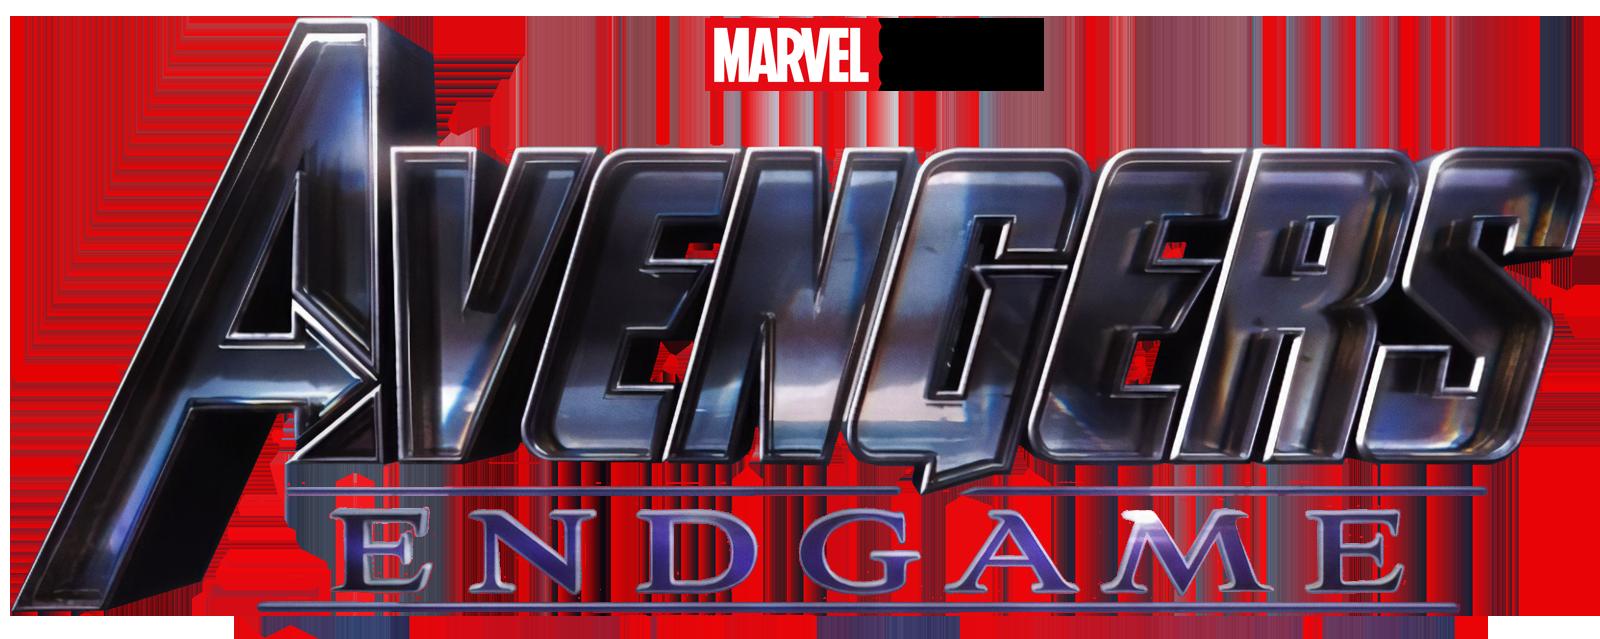 Avengers endgame logo mcv